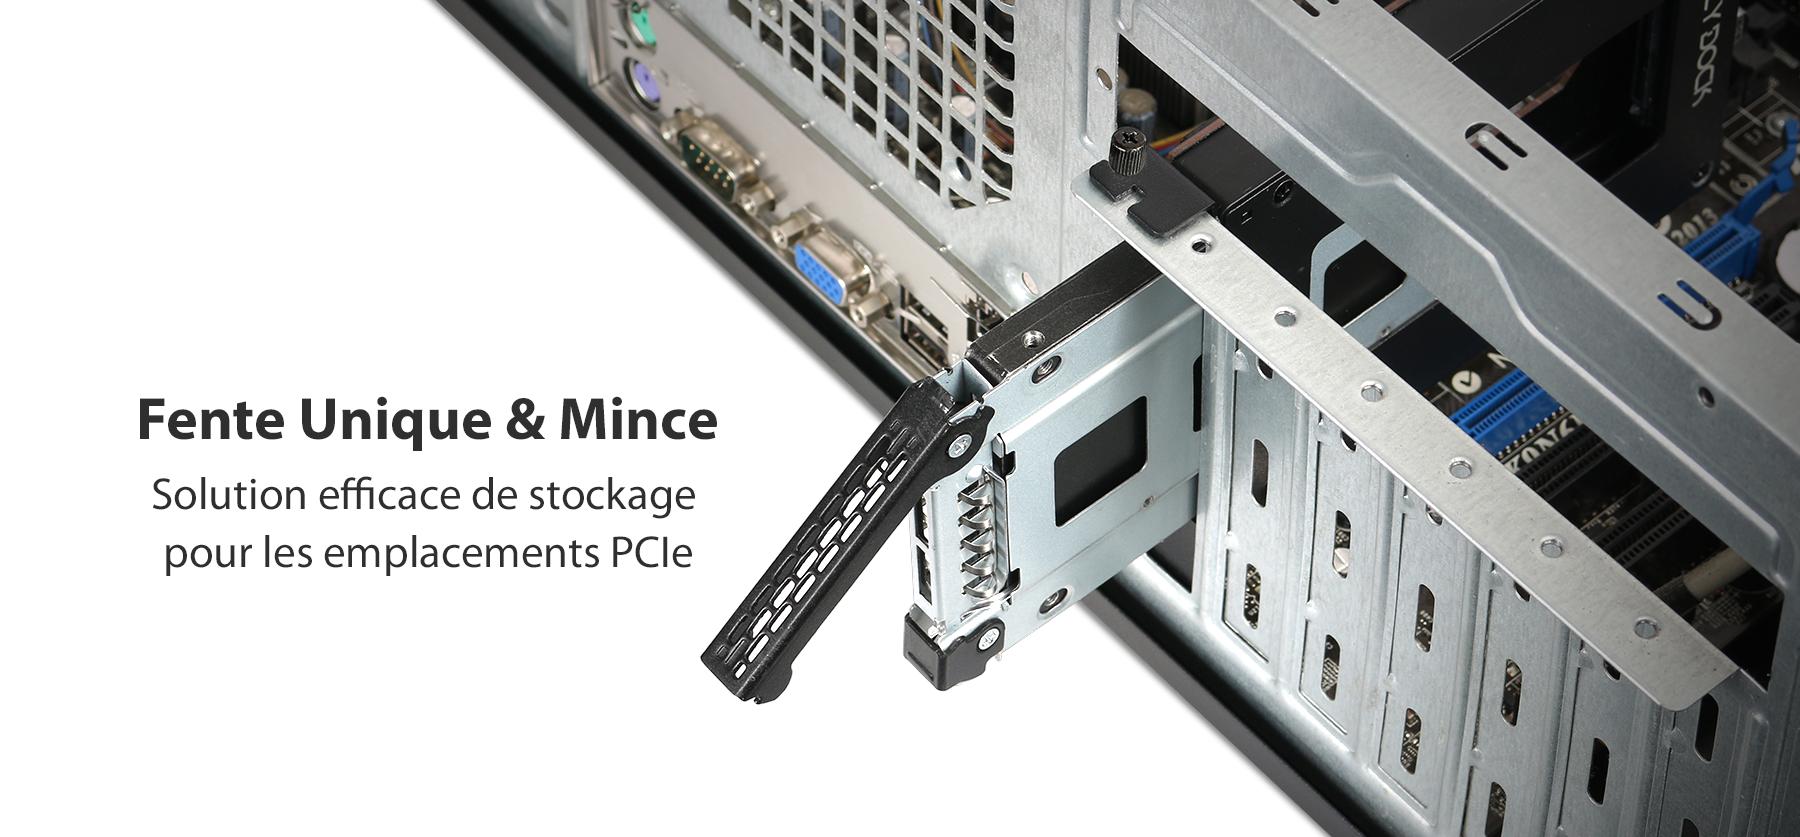 Photo de la fente unique et mince pour les emplacement PCIe